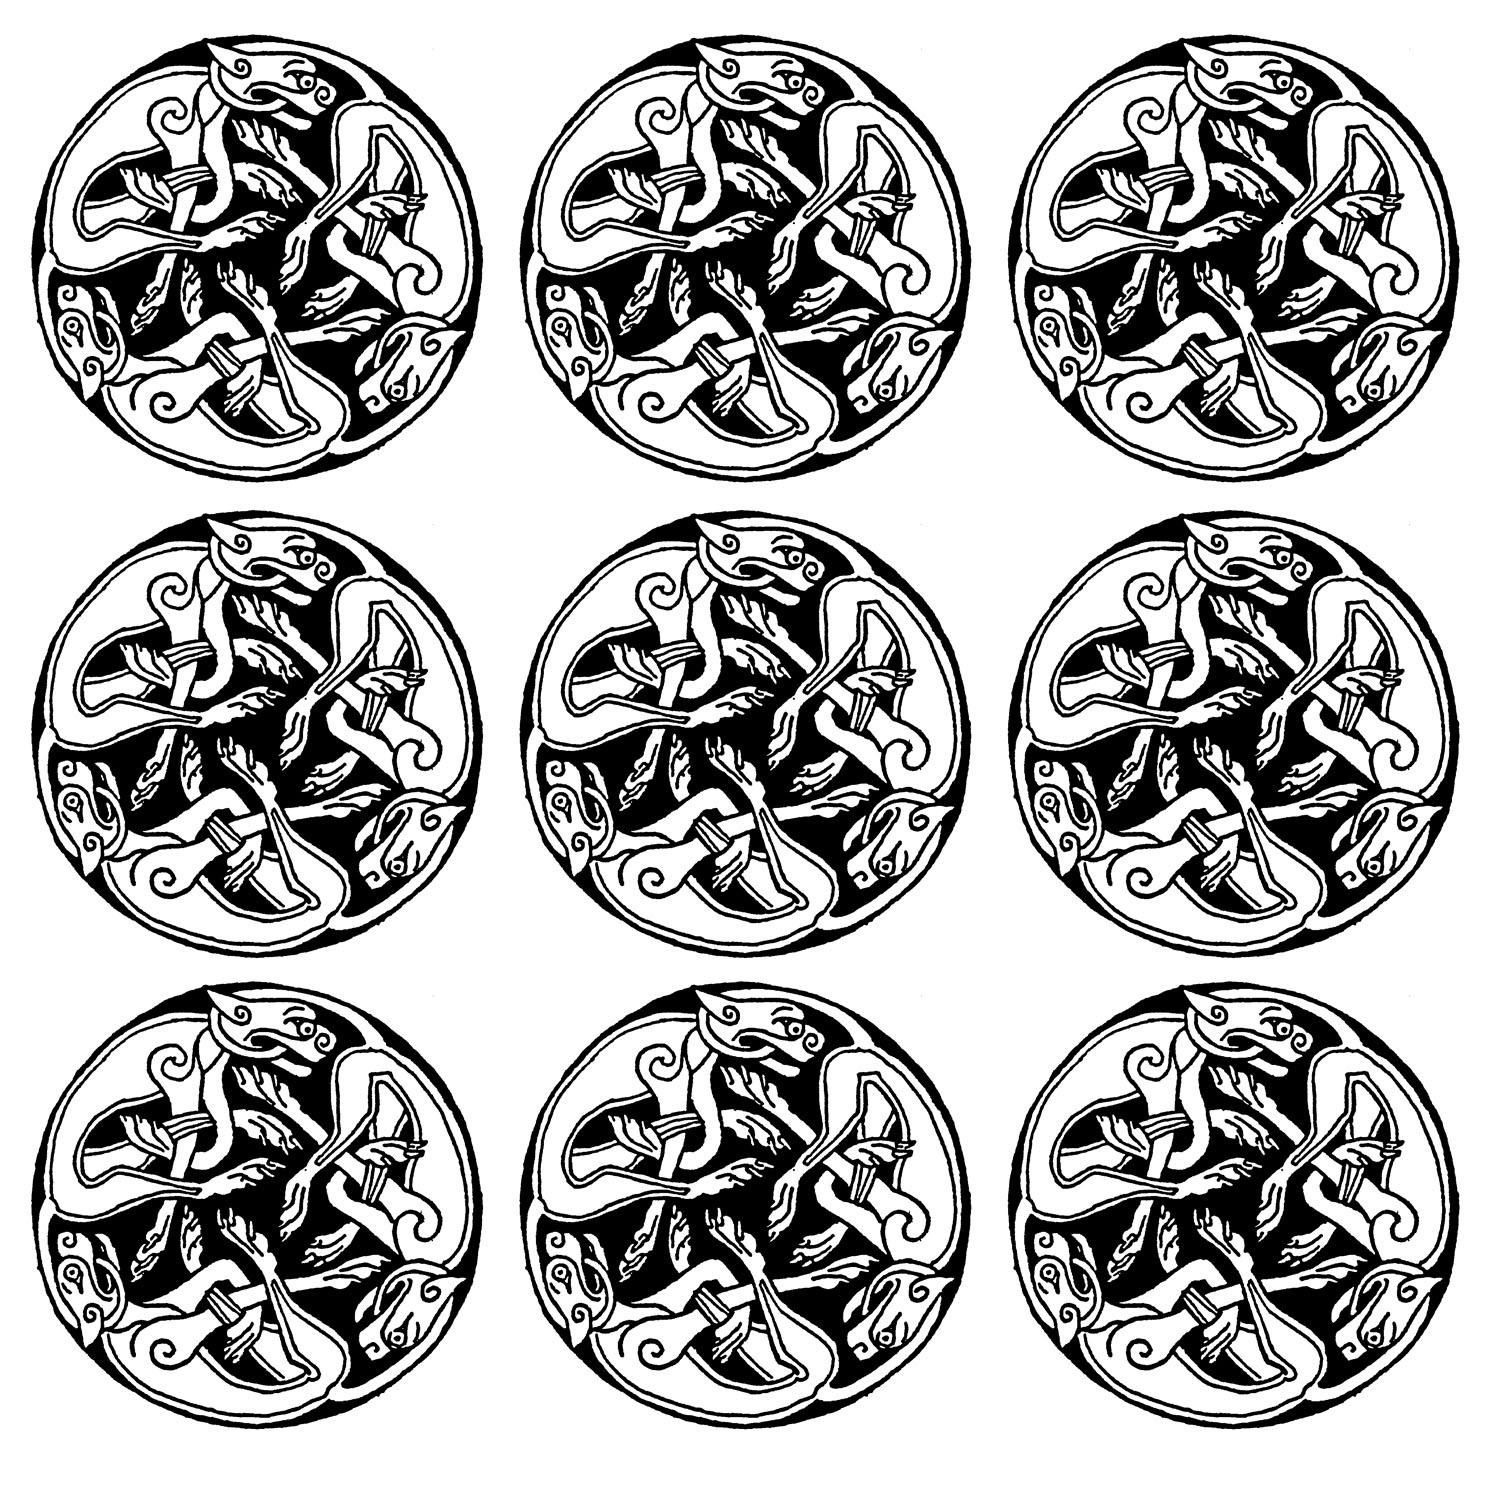 9 motifs répétés représentant des gargouilles... Une sorte de Mandala du Moyen âge assez intriguantA partir de la galerie : Moyen Age